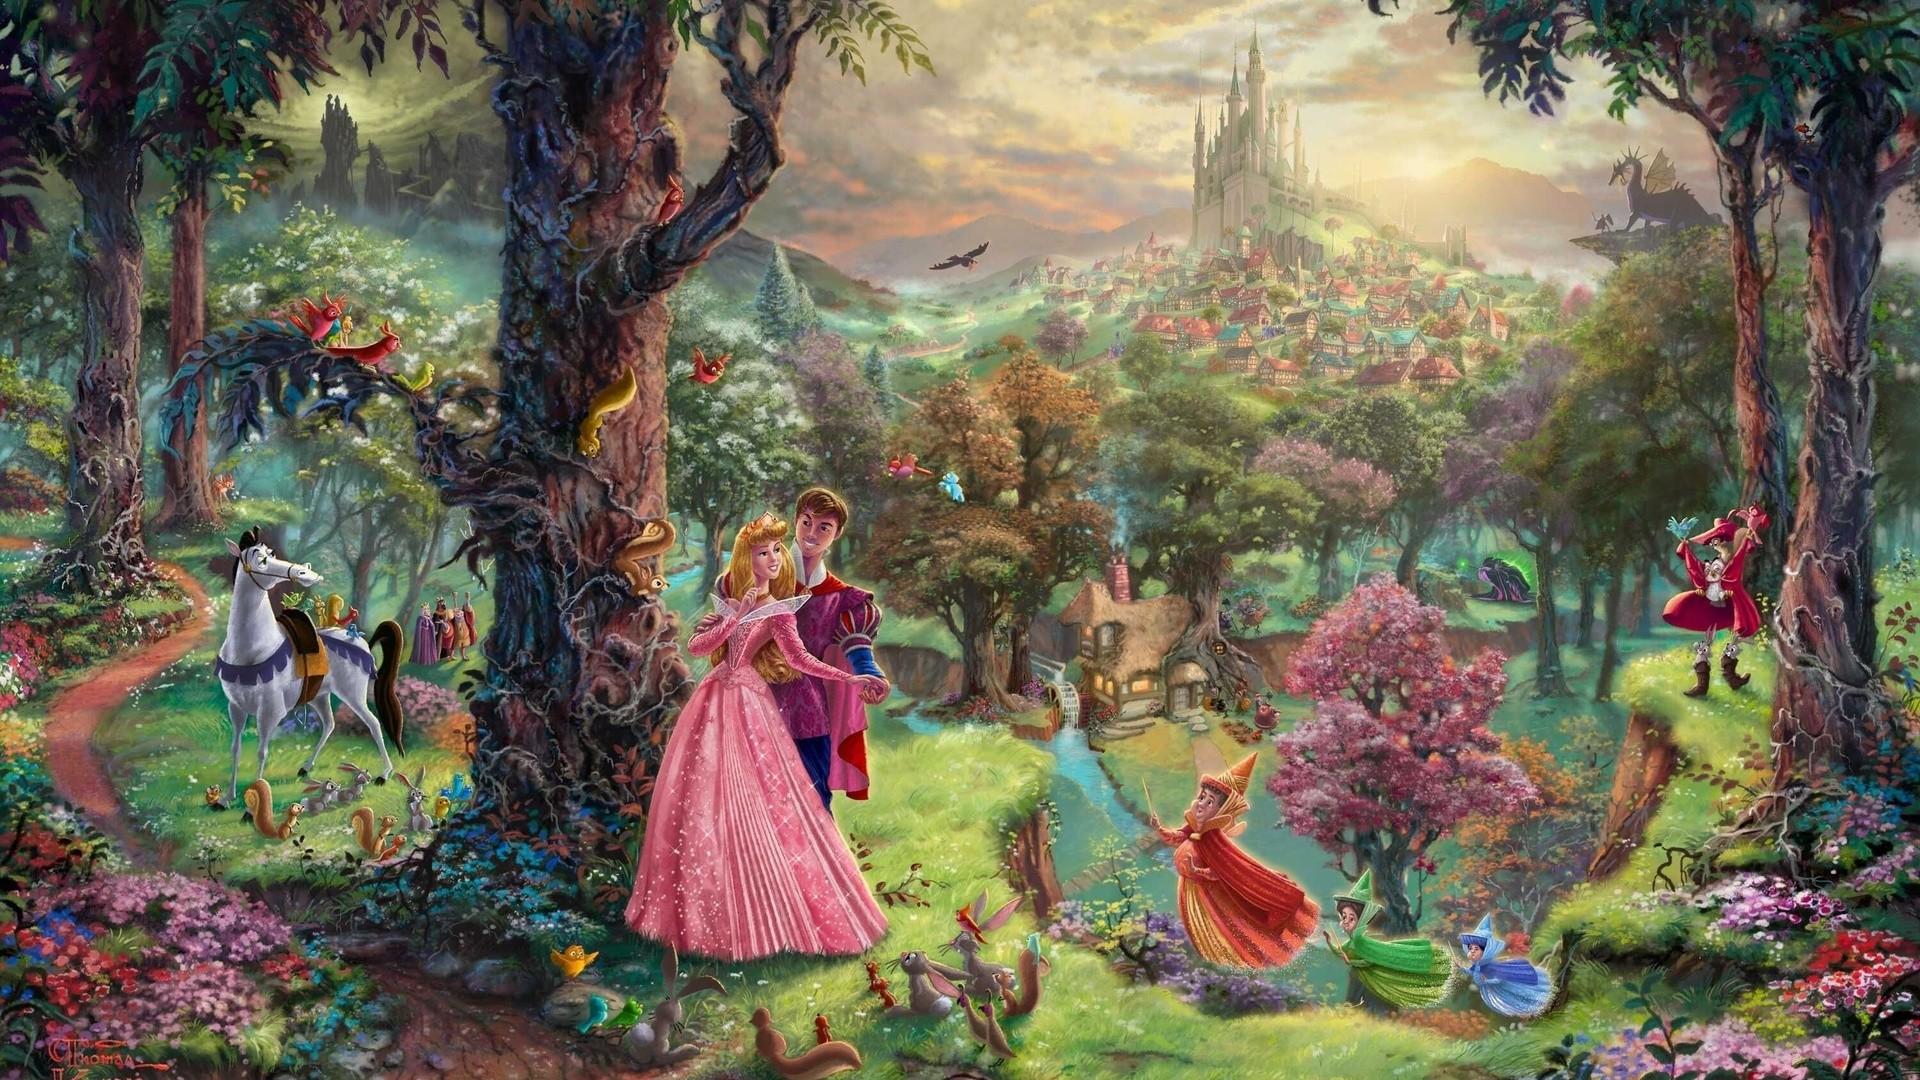 Thomas Kinkade Disney Paintings wallpaper 225574